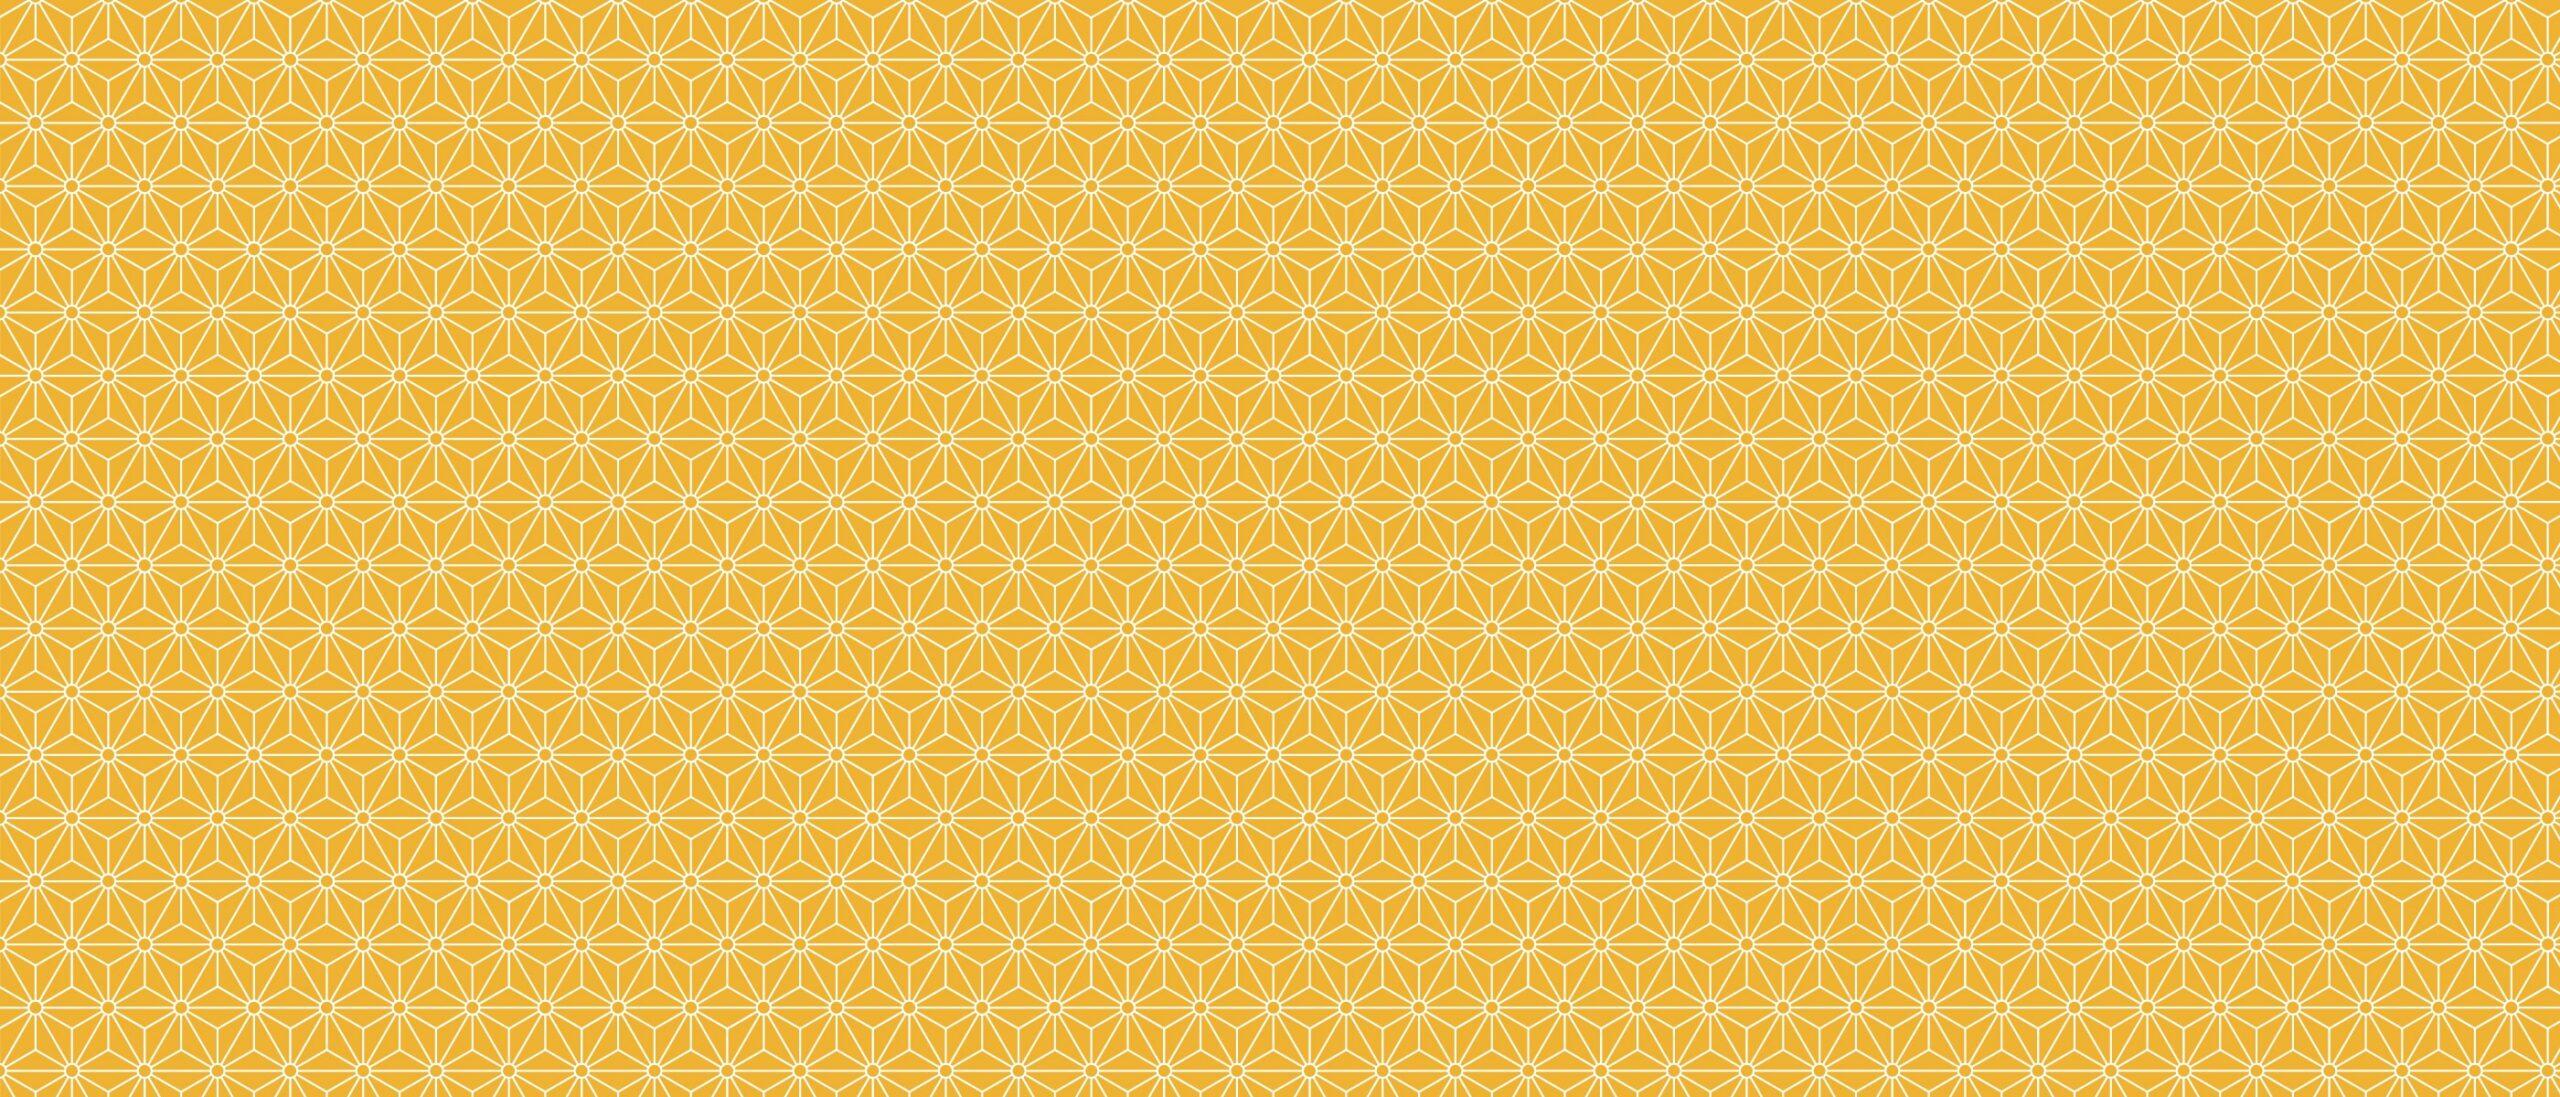 Toko Pattern